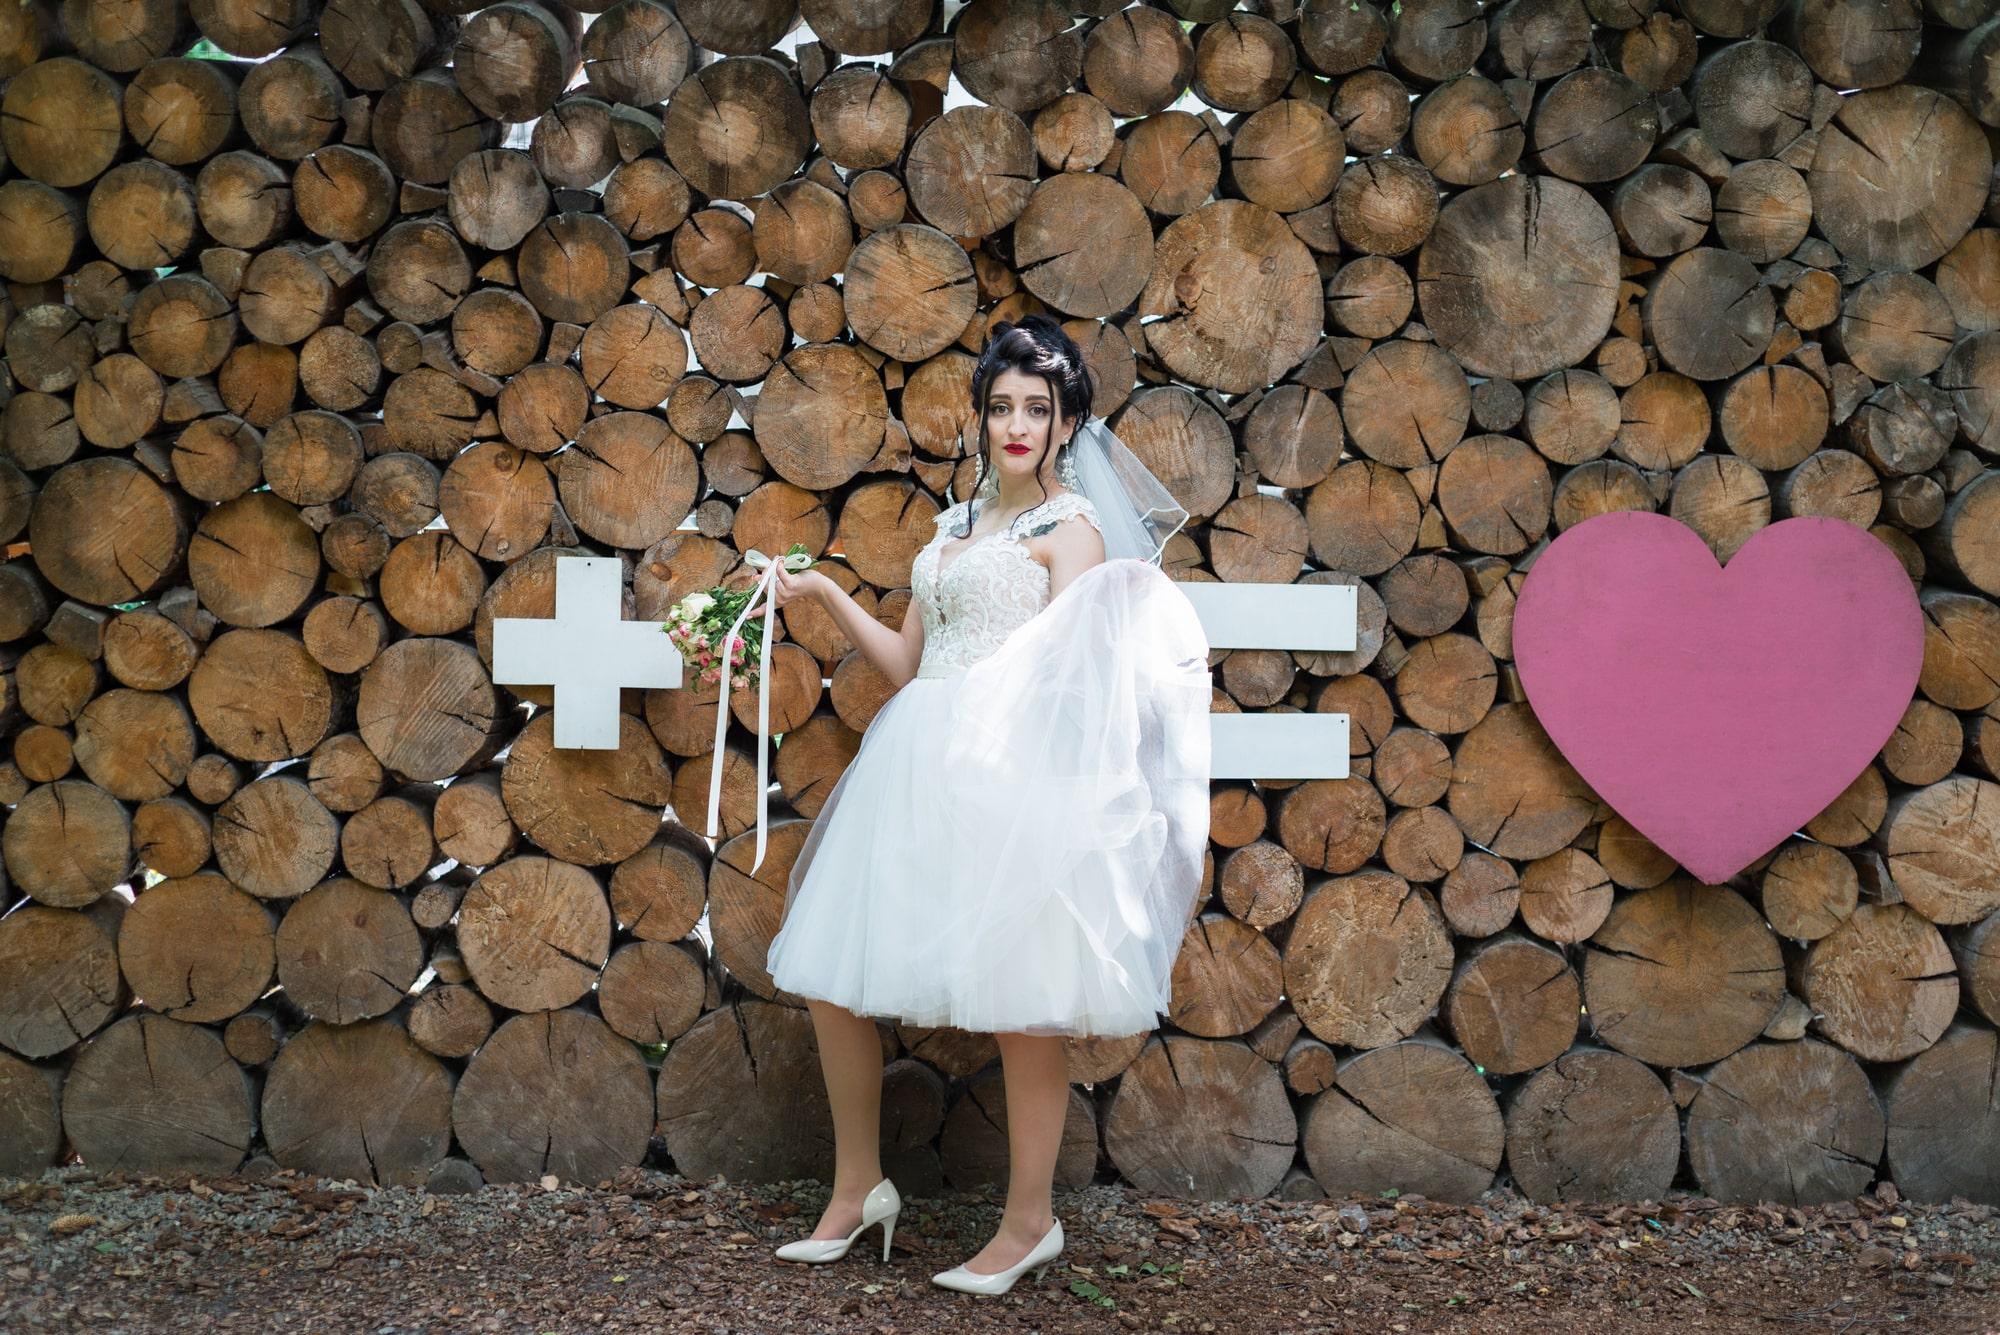 Свадебная фотосъемка в студии Плей - инсталяция и невеста